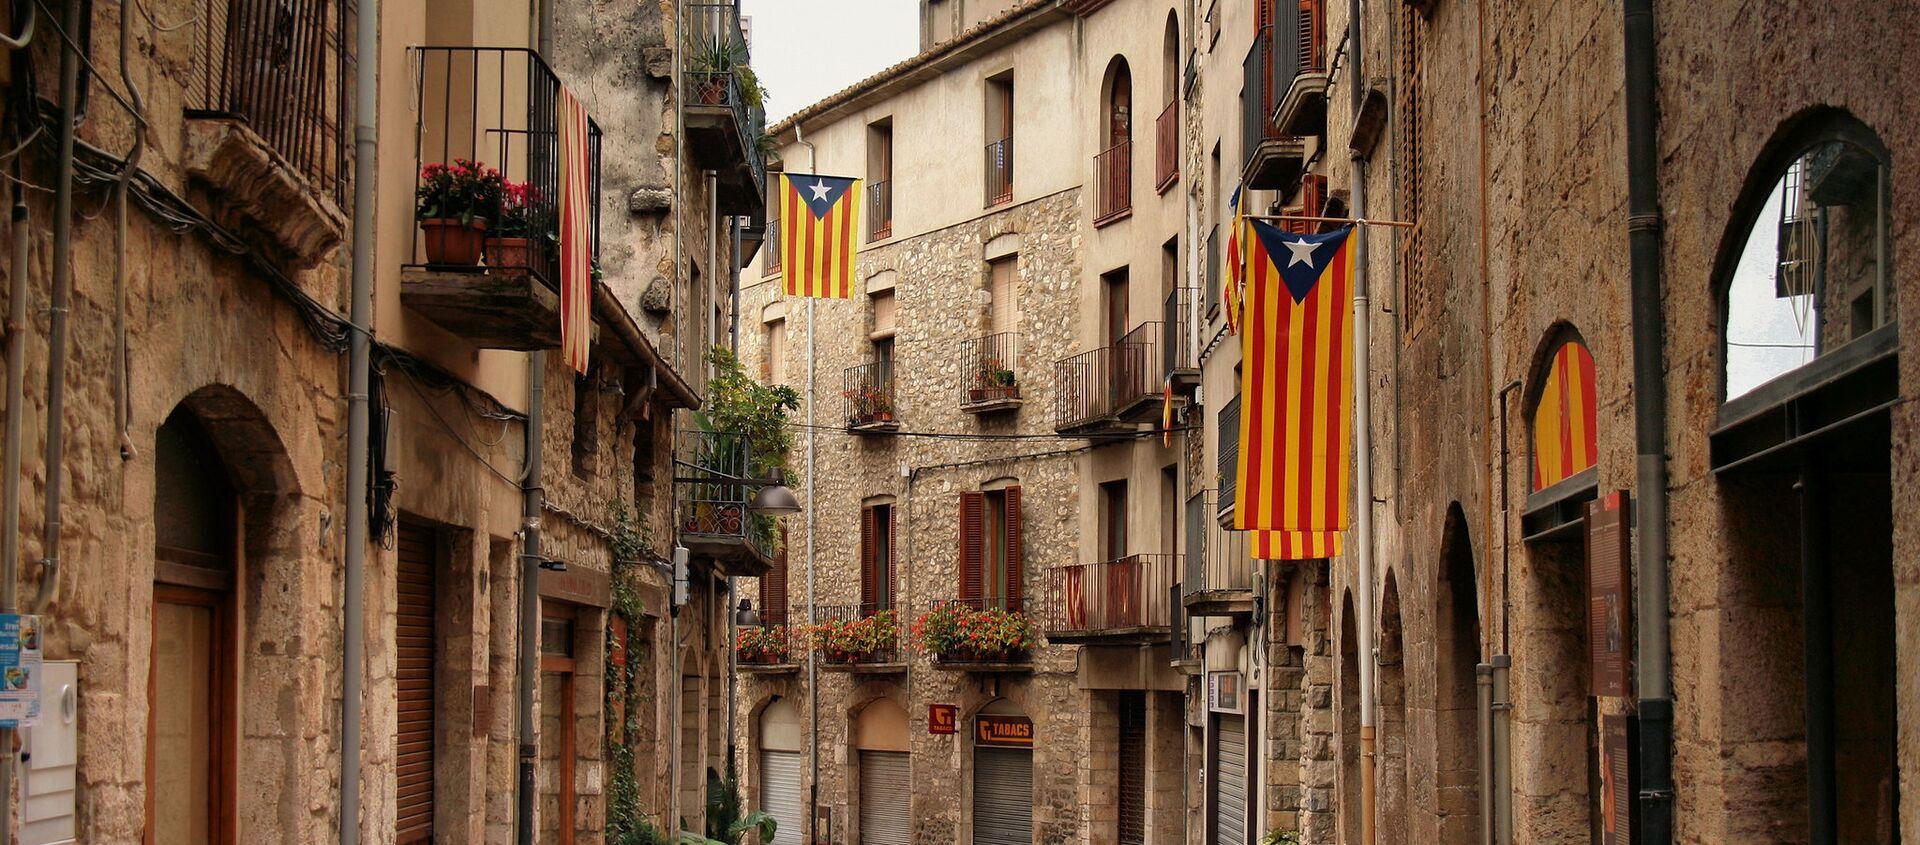 Cataluña abre delegaciones en El Vaticano, Portugal y Marruecos - Sputnik Mundo, 1920, 16.06.2015